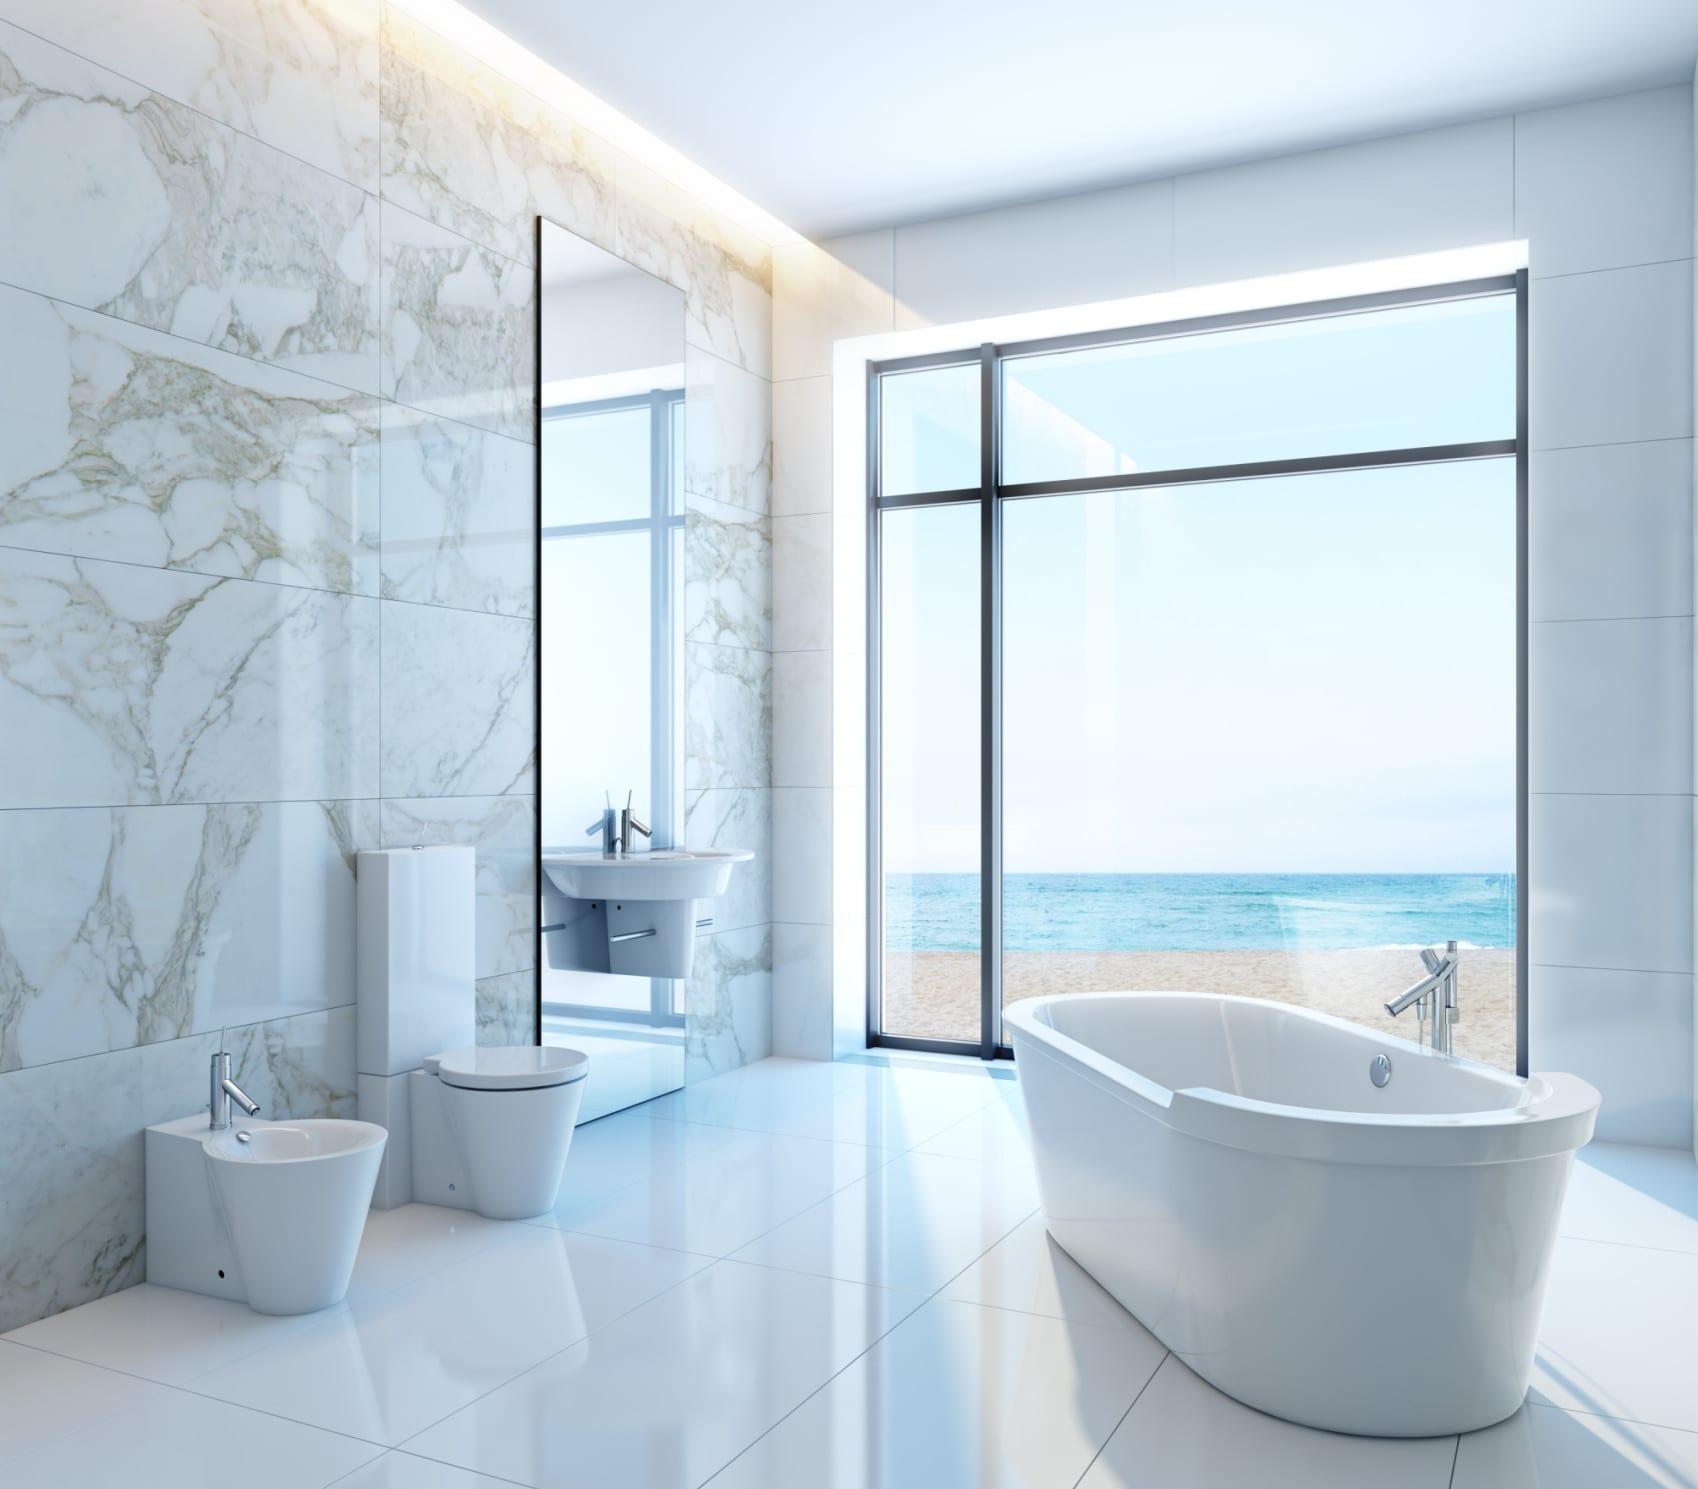 modernes bad weiß mit wandfliesen aus weißem marmor, waschbecken mit raumhohem spiegel und indirekter deckenbeleuchtung